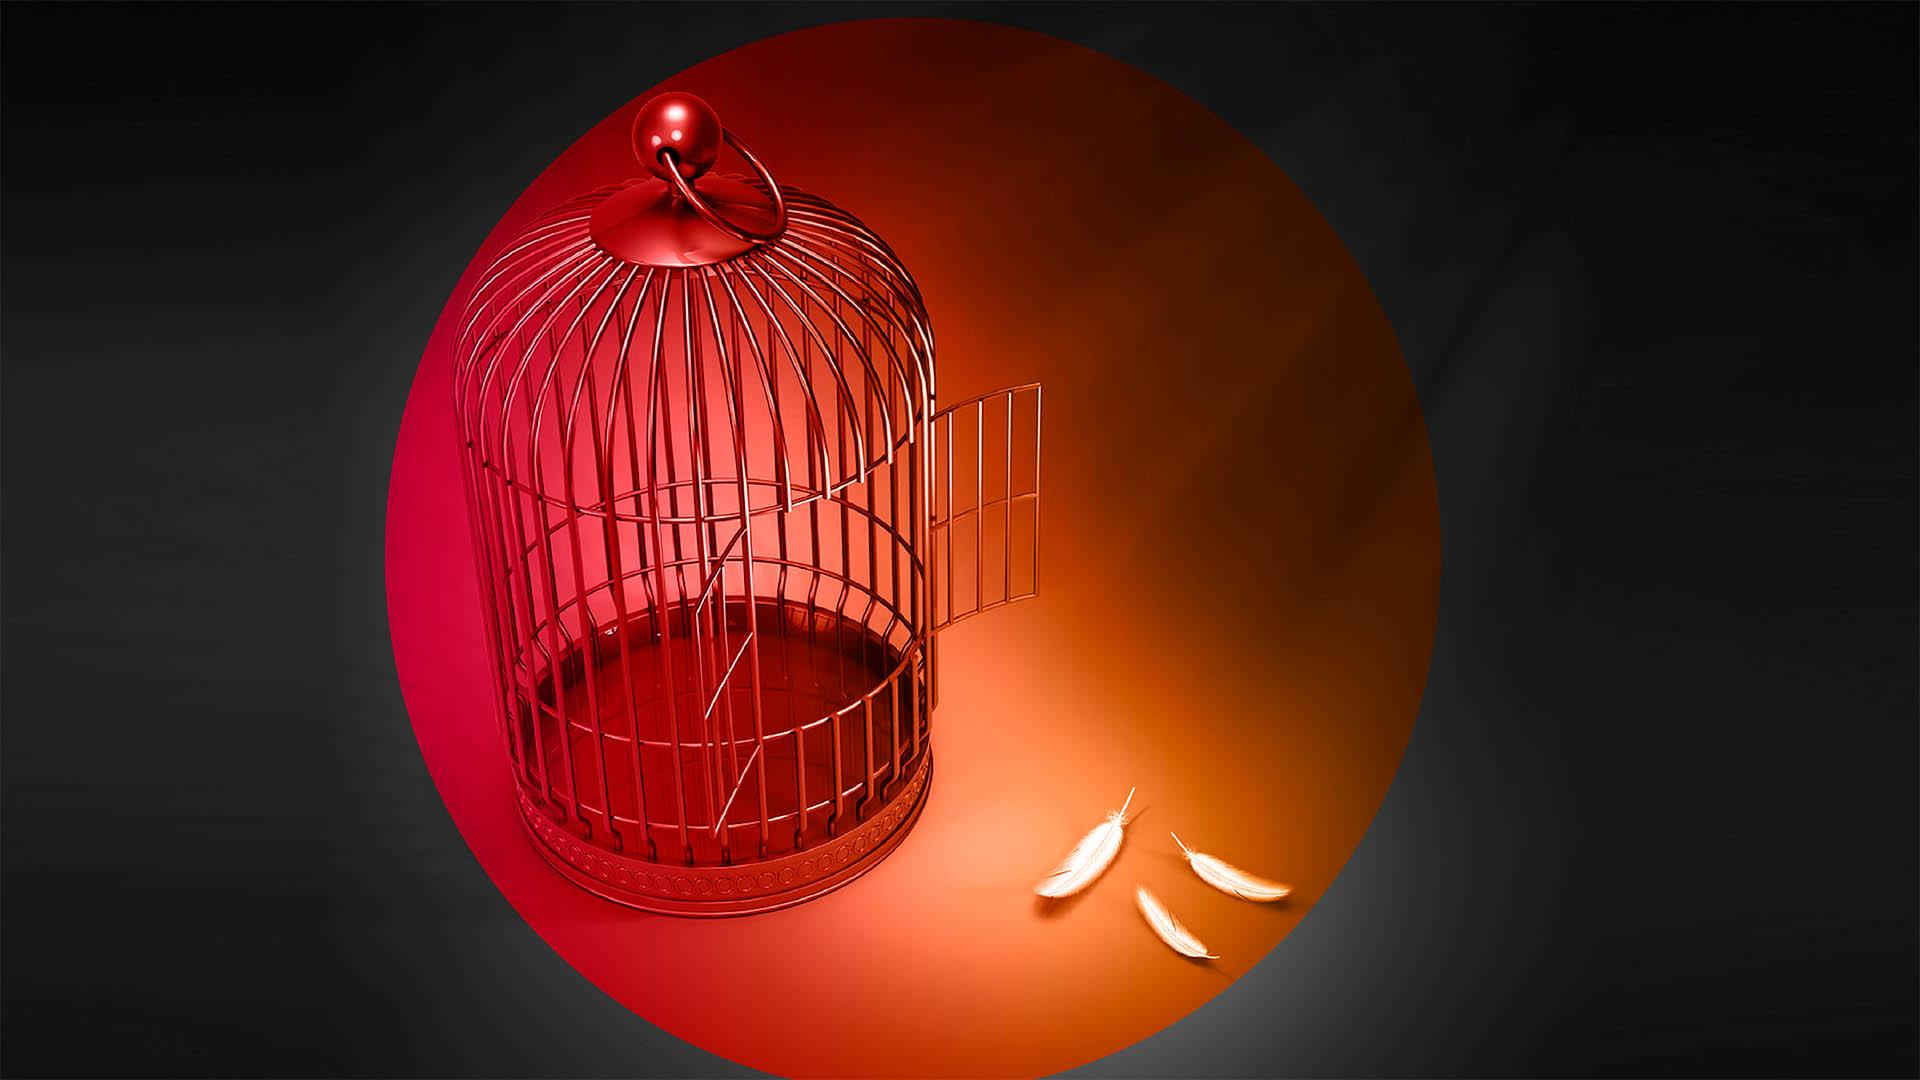 ¿Sabe usted cómo poner fin a la usurpación?, Eddie A. Ramírez S.